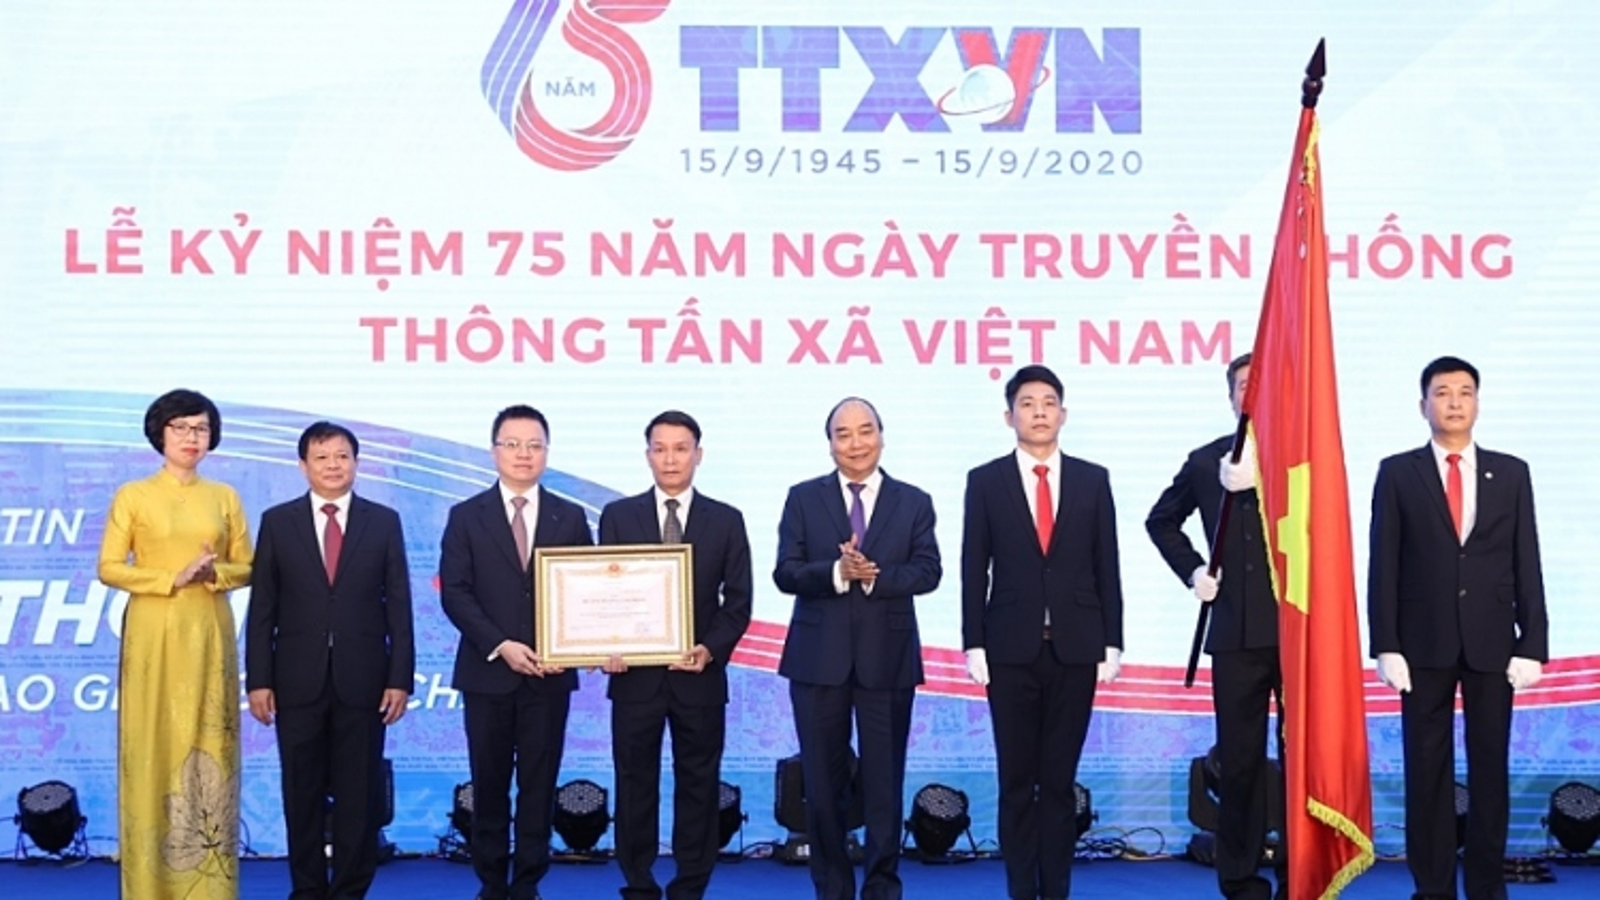 Thủ tướng: TTXVN cần giữ vững vị thế là trung tâm thông tin của Đảng, Nhà nước